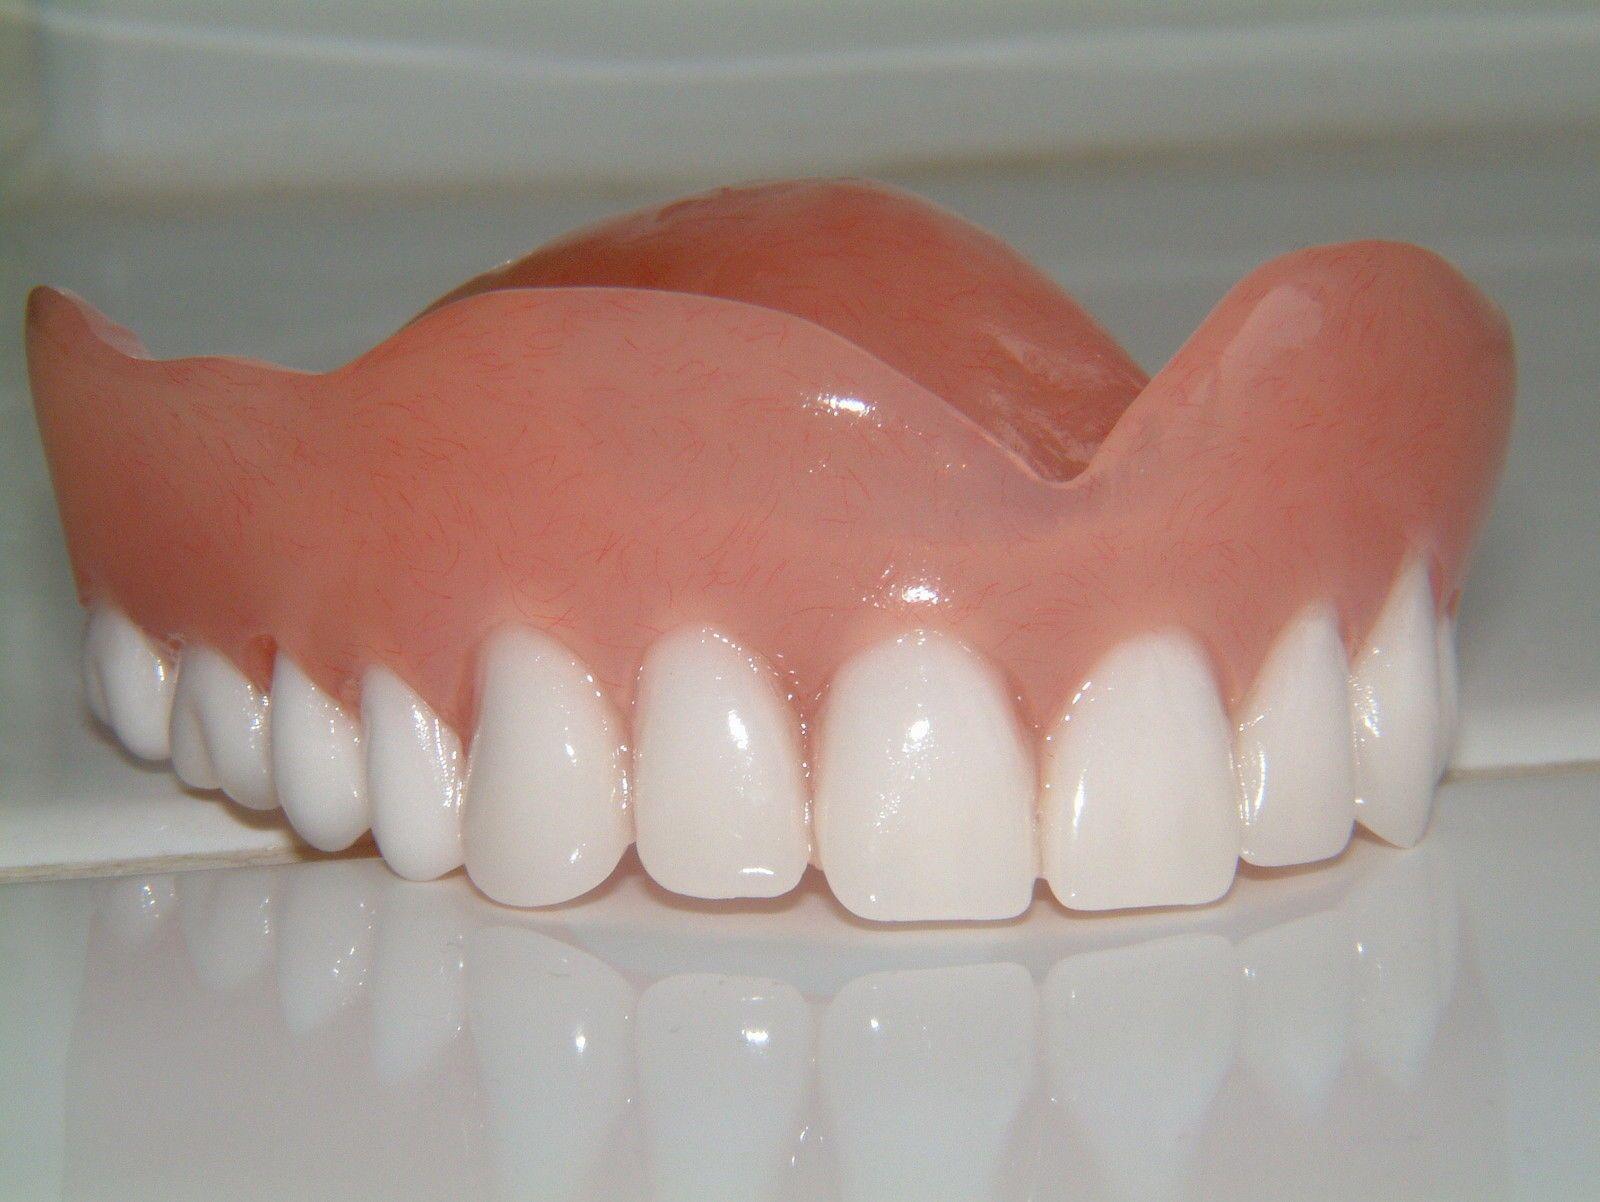 stunning full upper denture  false teeth with ultra white